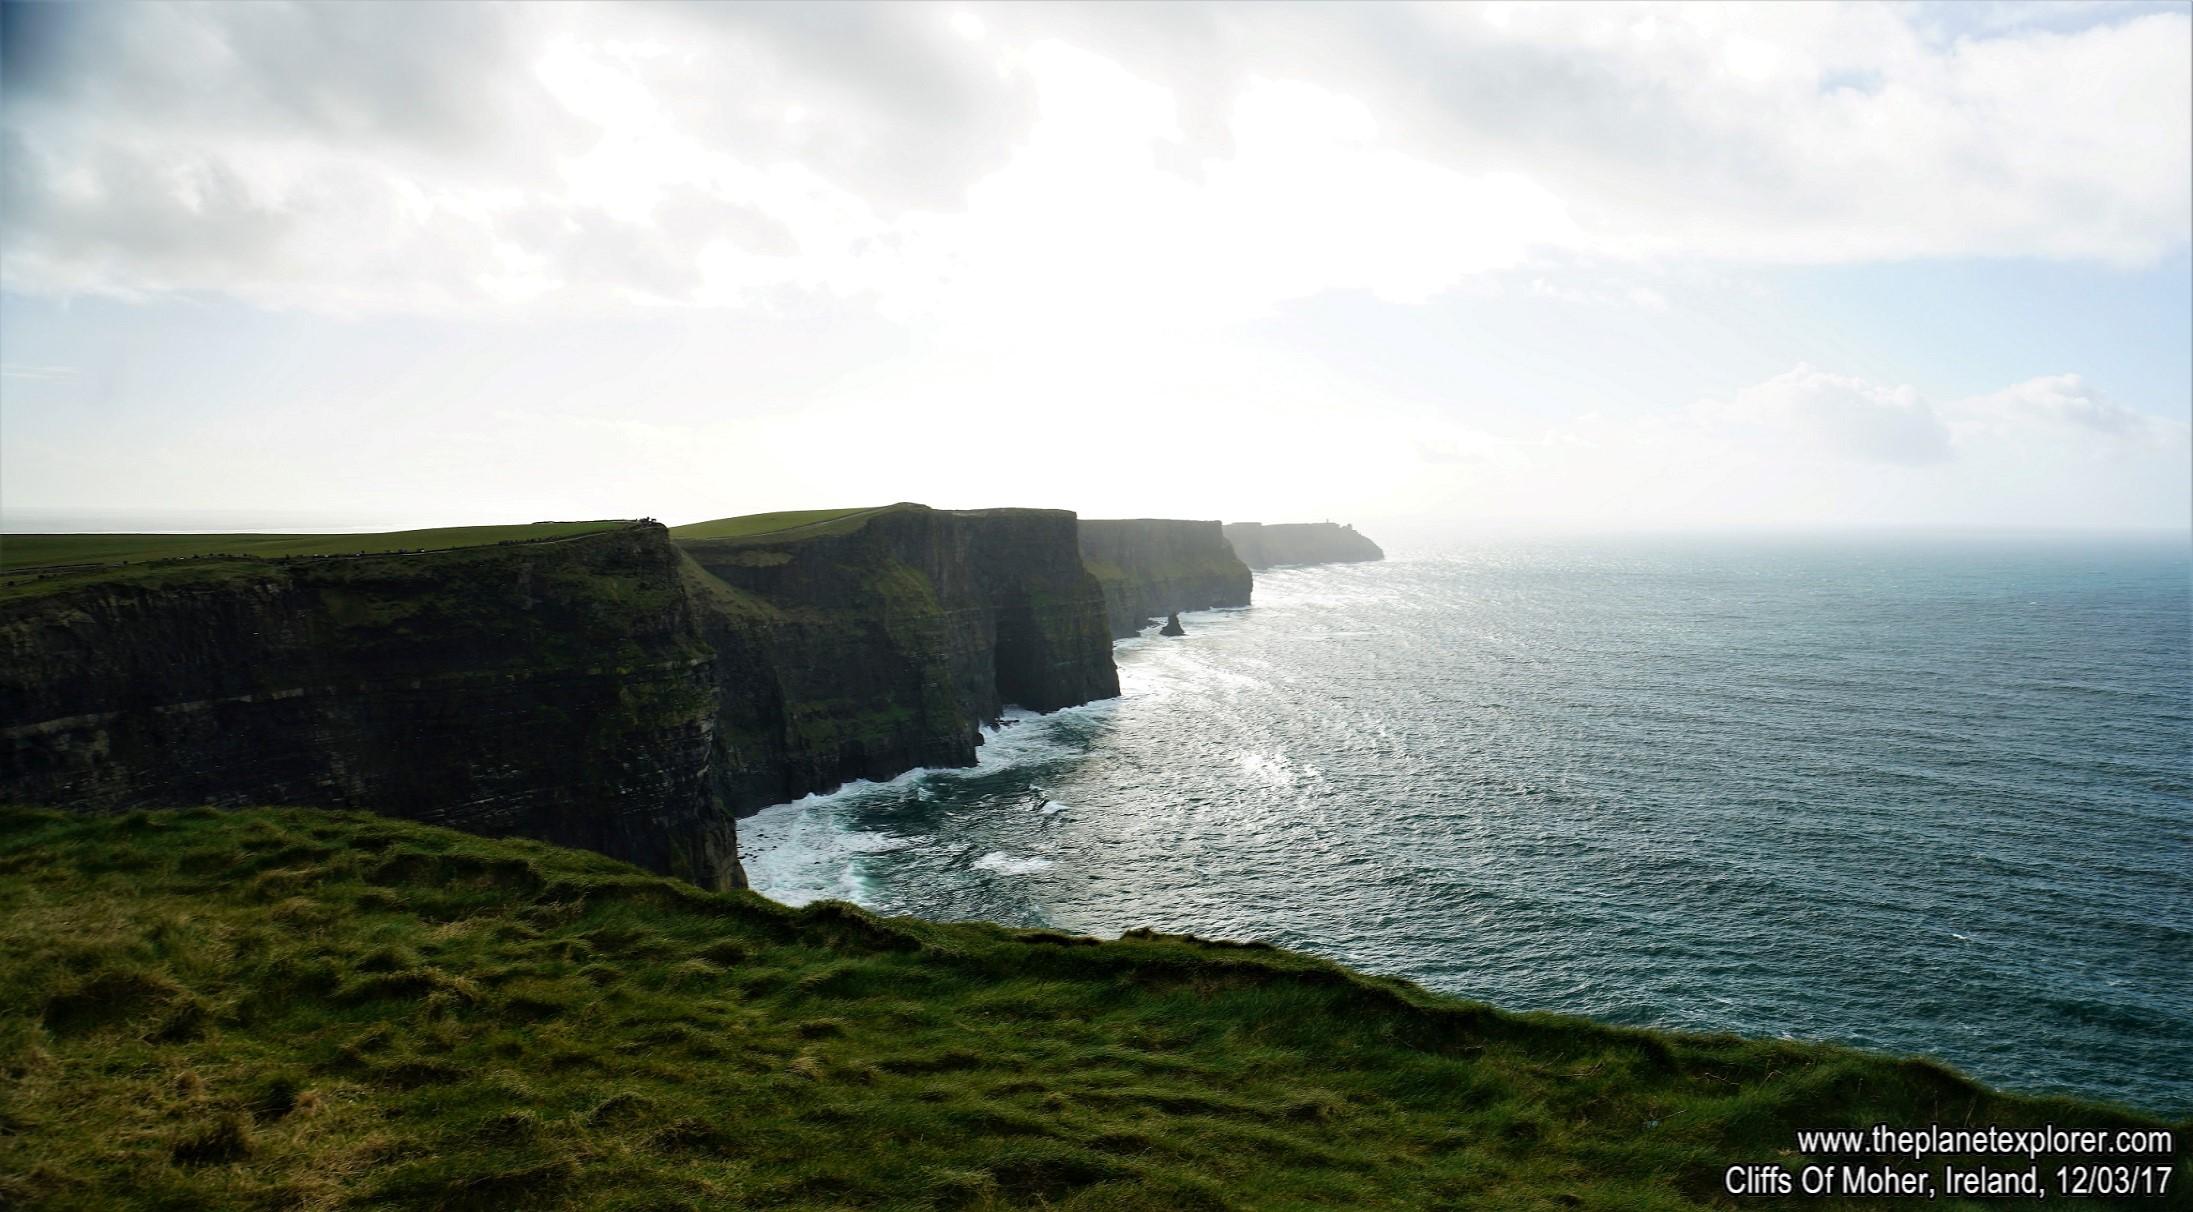 2017-03-12_1423_Ireland_Cliffs Of Moher_DSC07529_s7R2_LR_@www